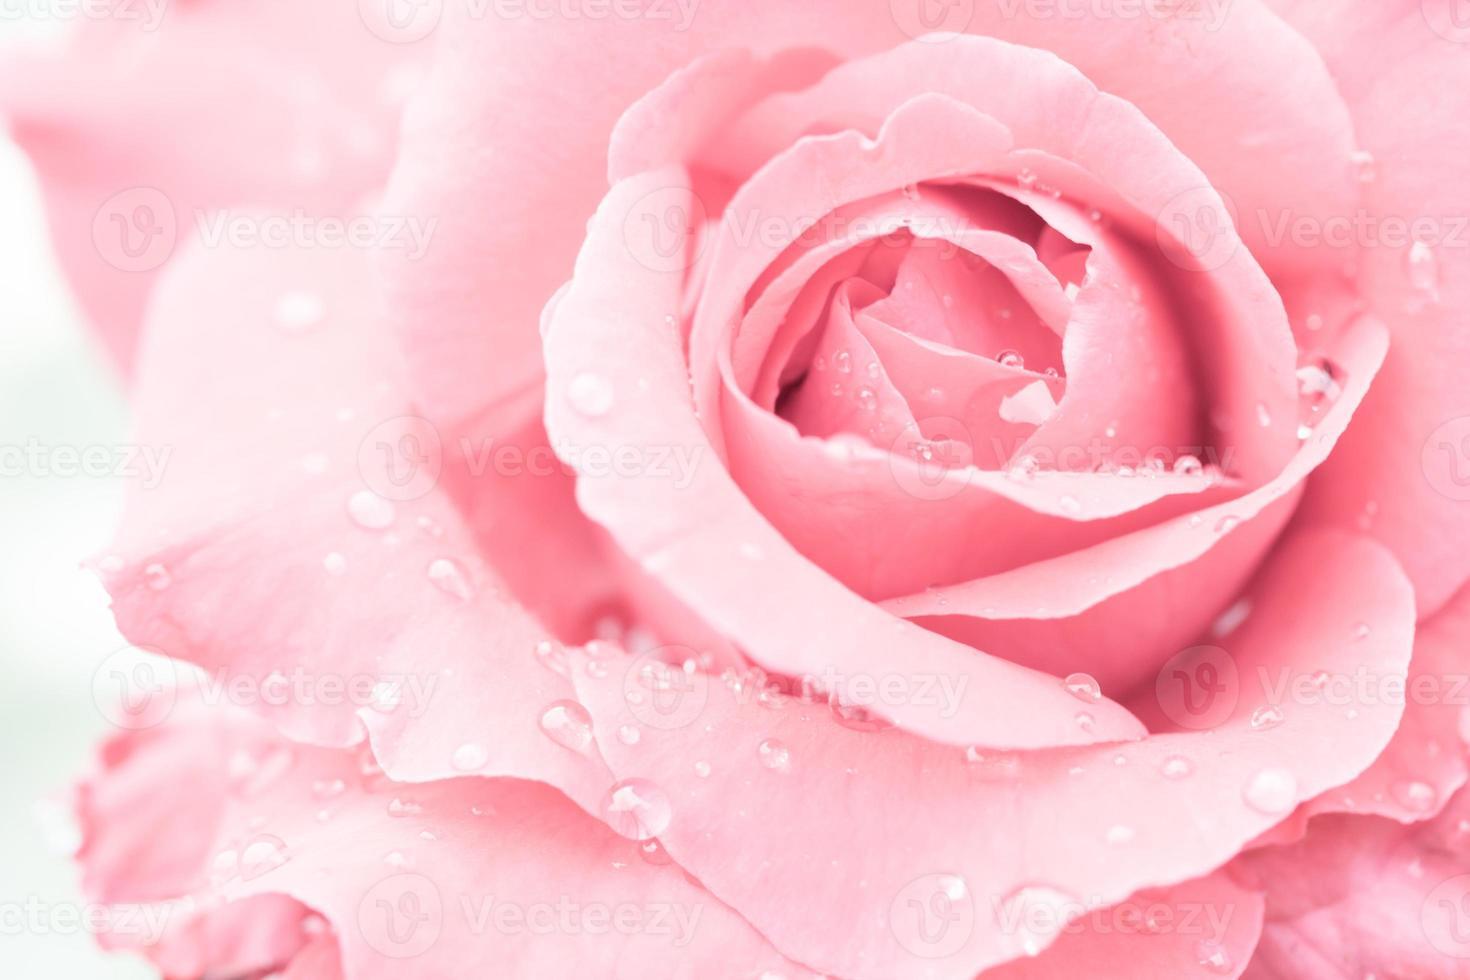 primo piano di una rosa rossa con gocce d'acqua foto